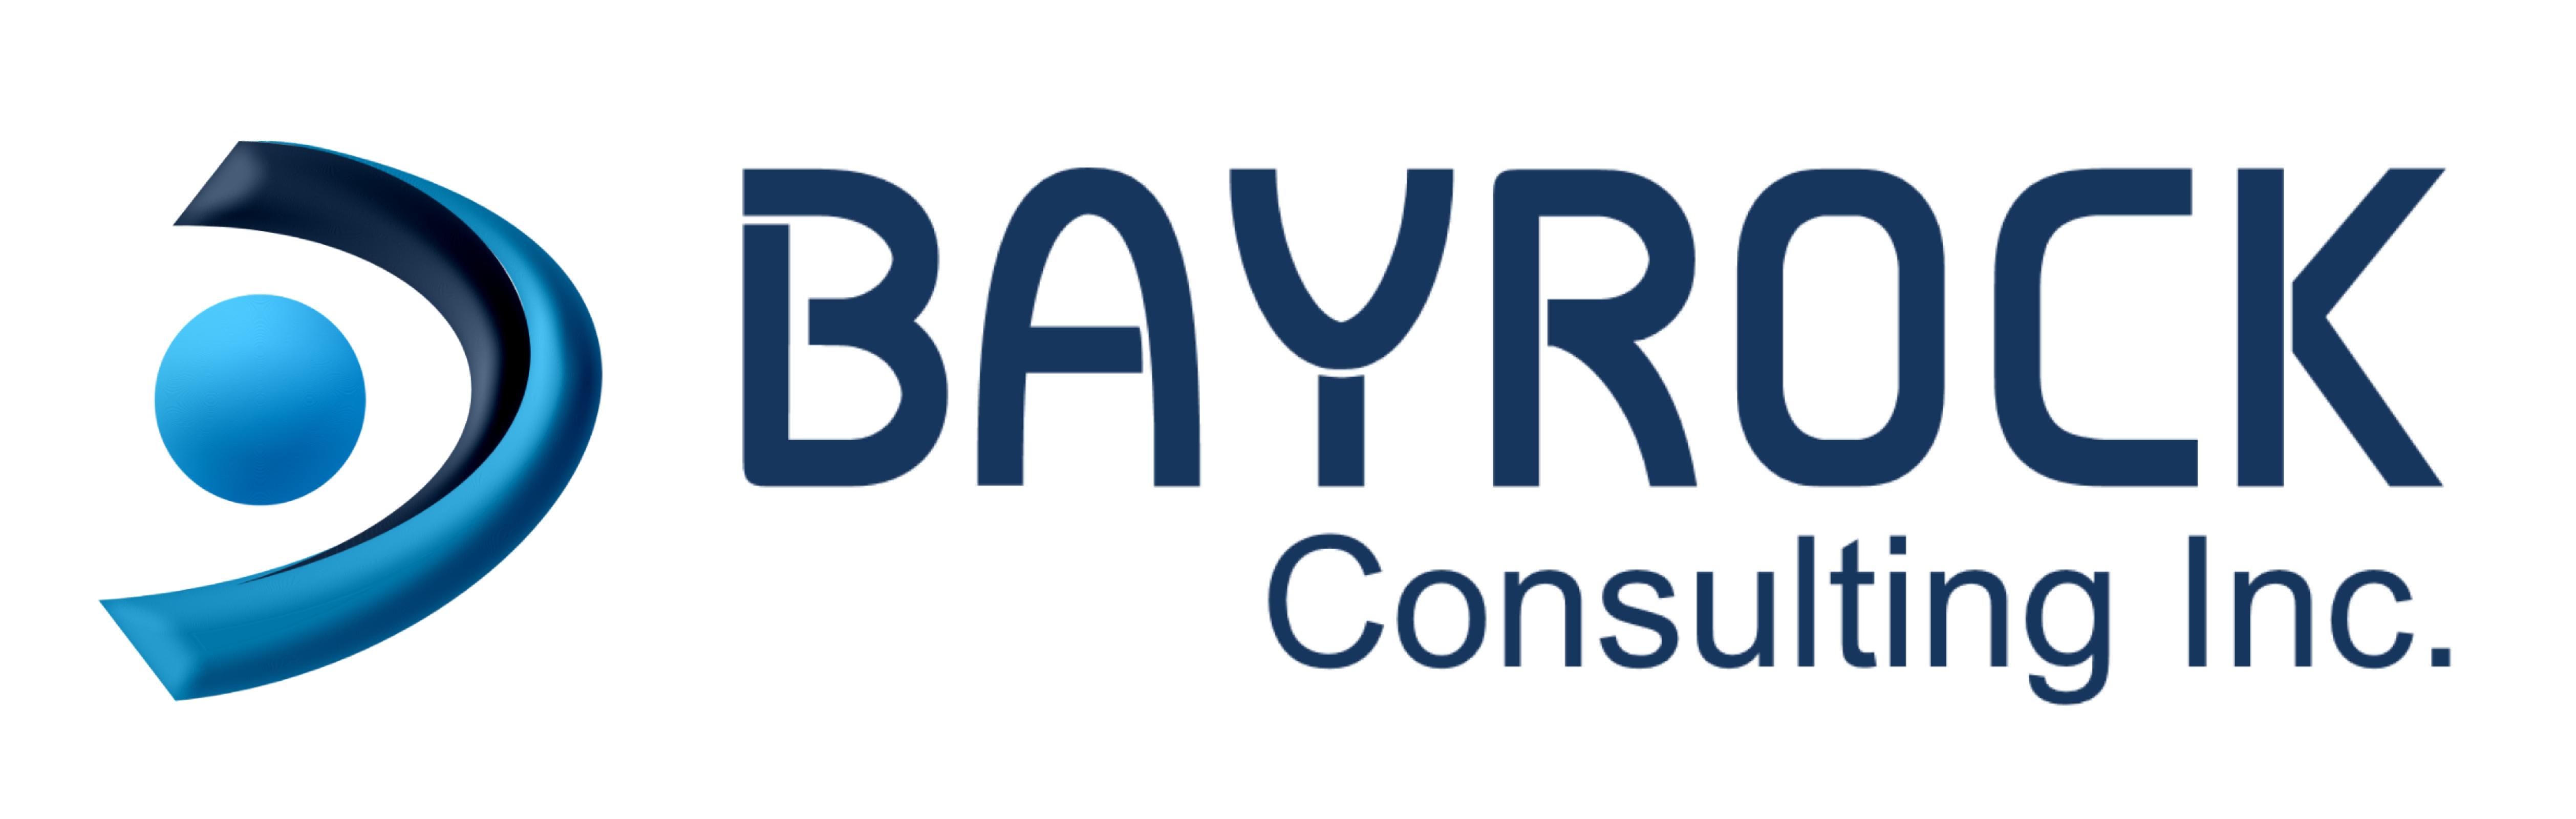 Bayrock Consulting